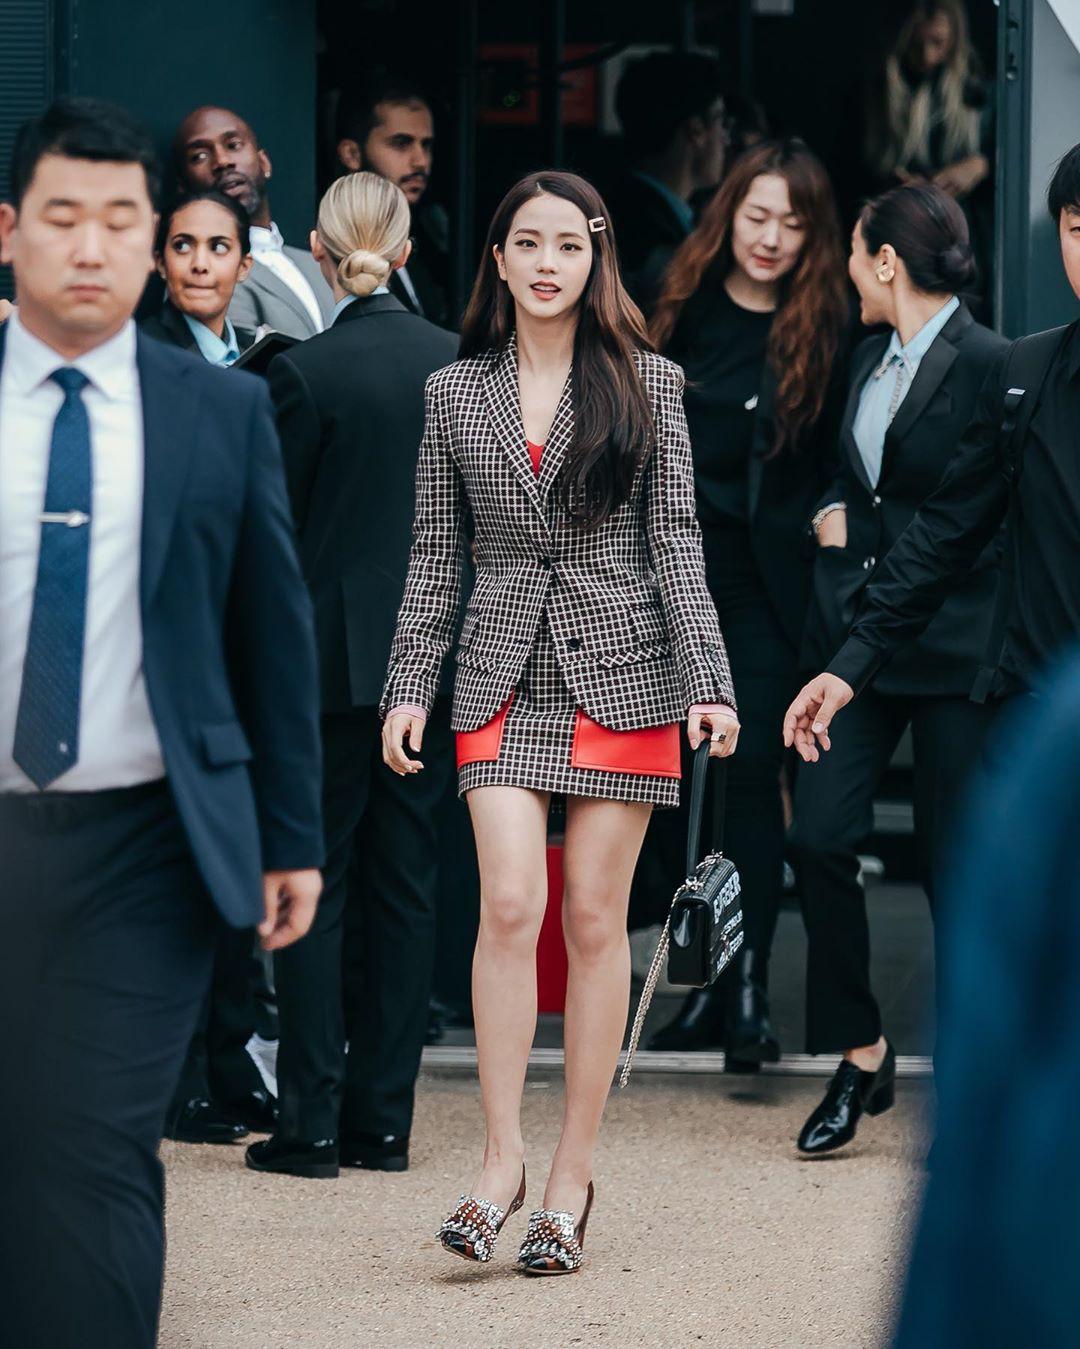 VZN News: Nữ thần Jisoo (BLACKPINK) gây náo loạn trời Anh: Quá xinh và sang như tiểu thư quý tộc, ảnh chụp vội gây choáng - Ảnh 1.